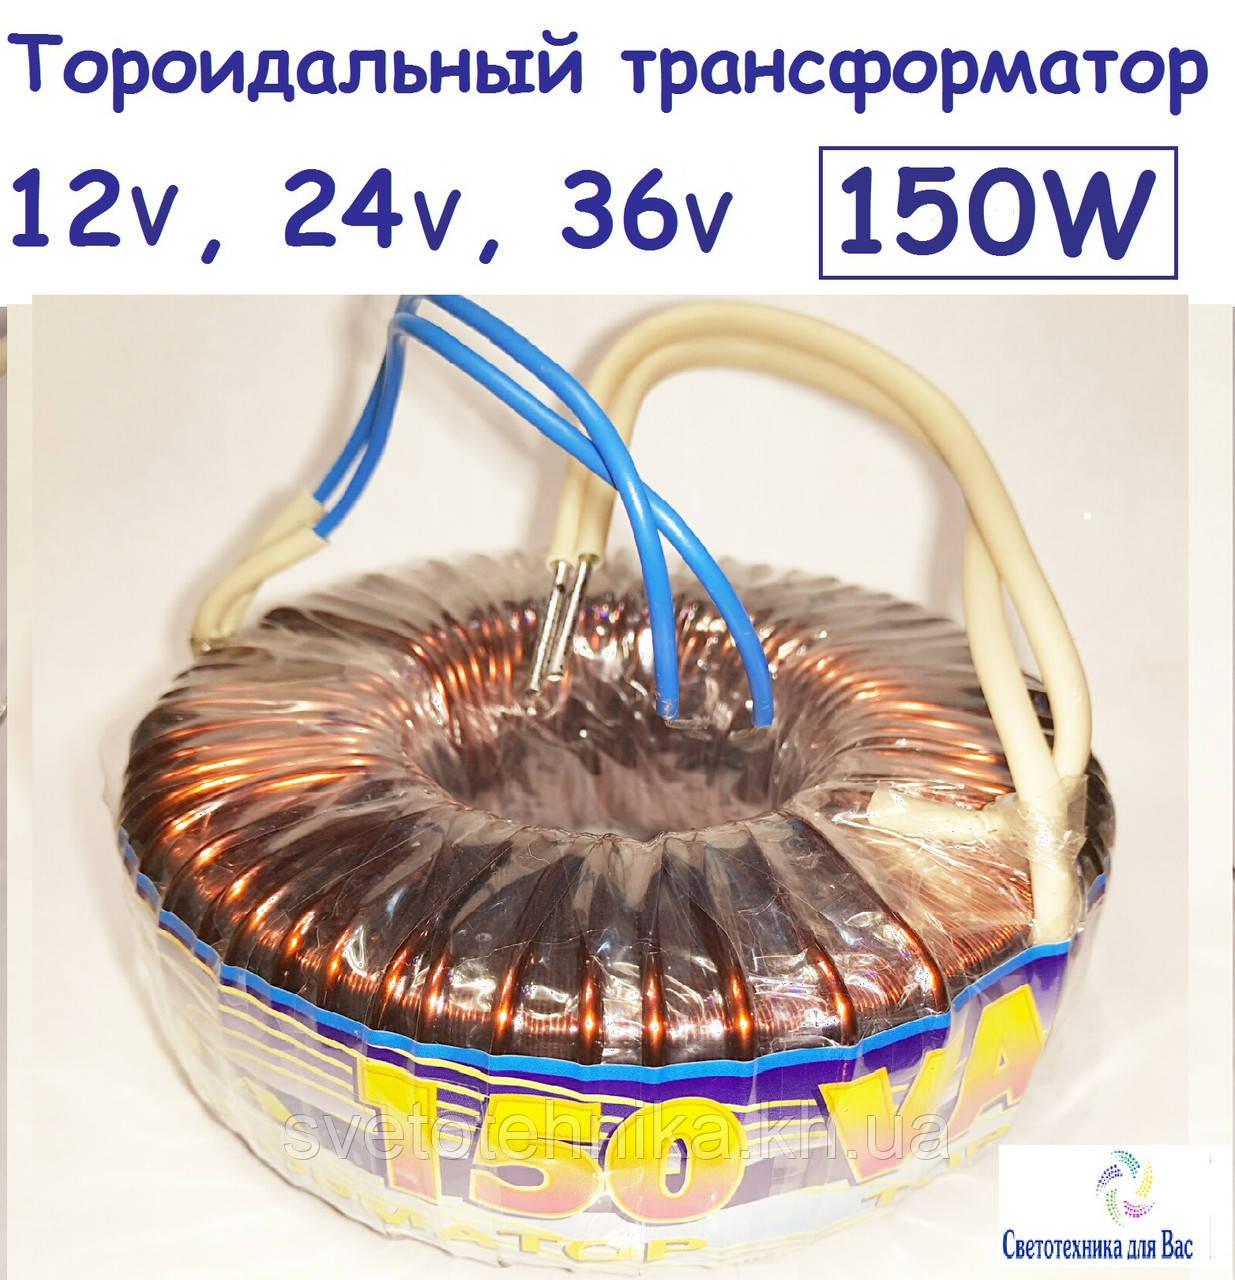 """Тороидальный трансформатор понижающий """"Элста"""" ТТ 150W 220/12V для галогеновых ламп"""